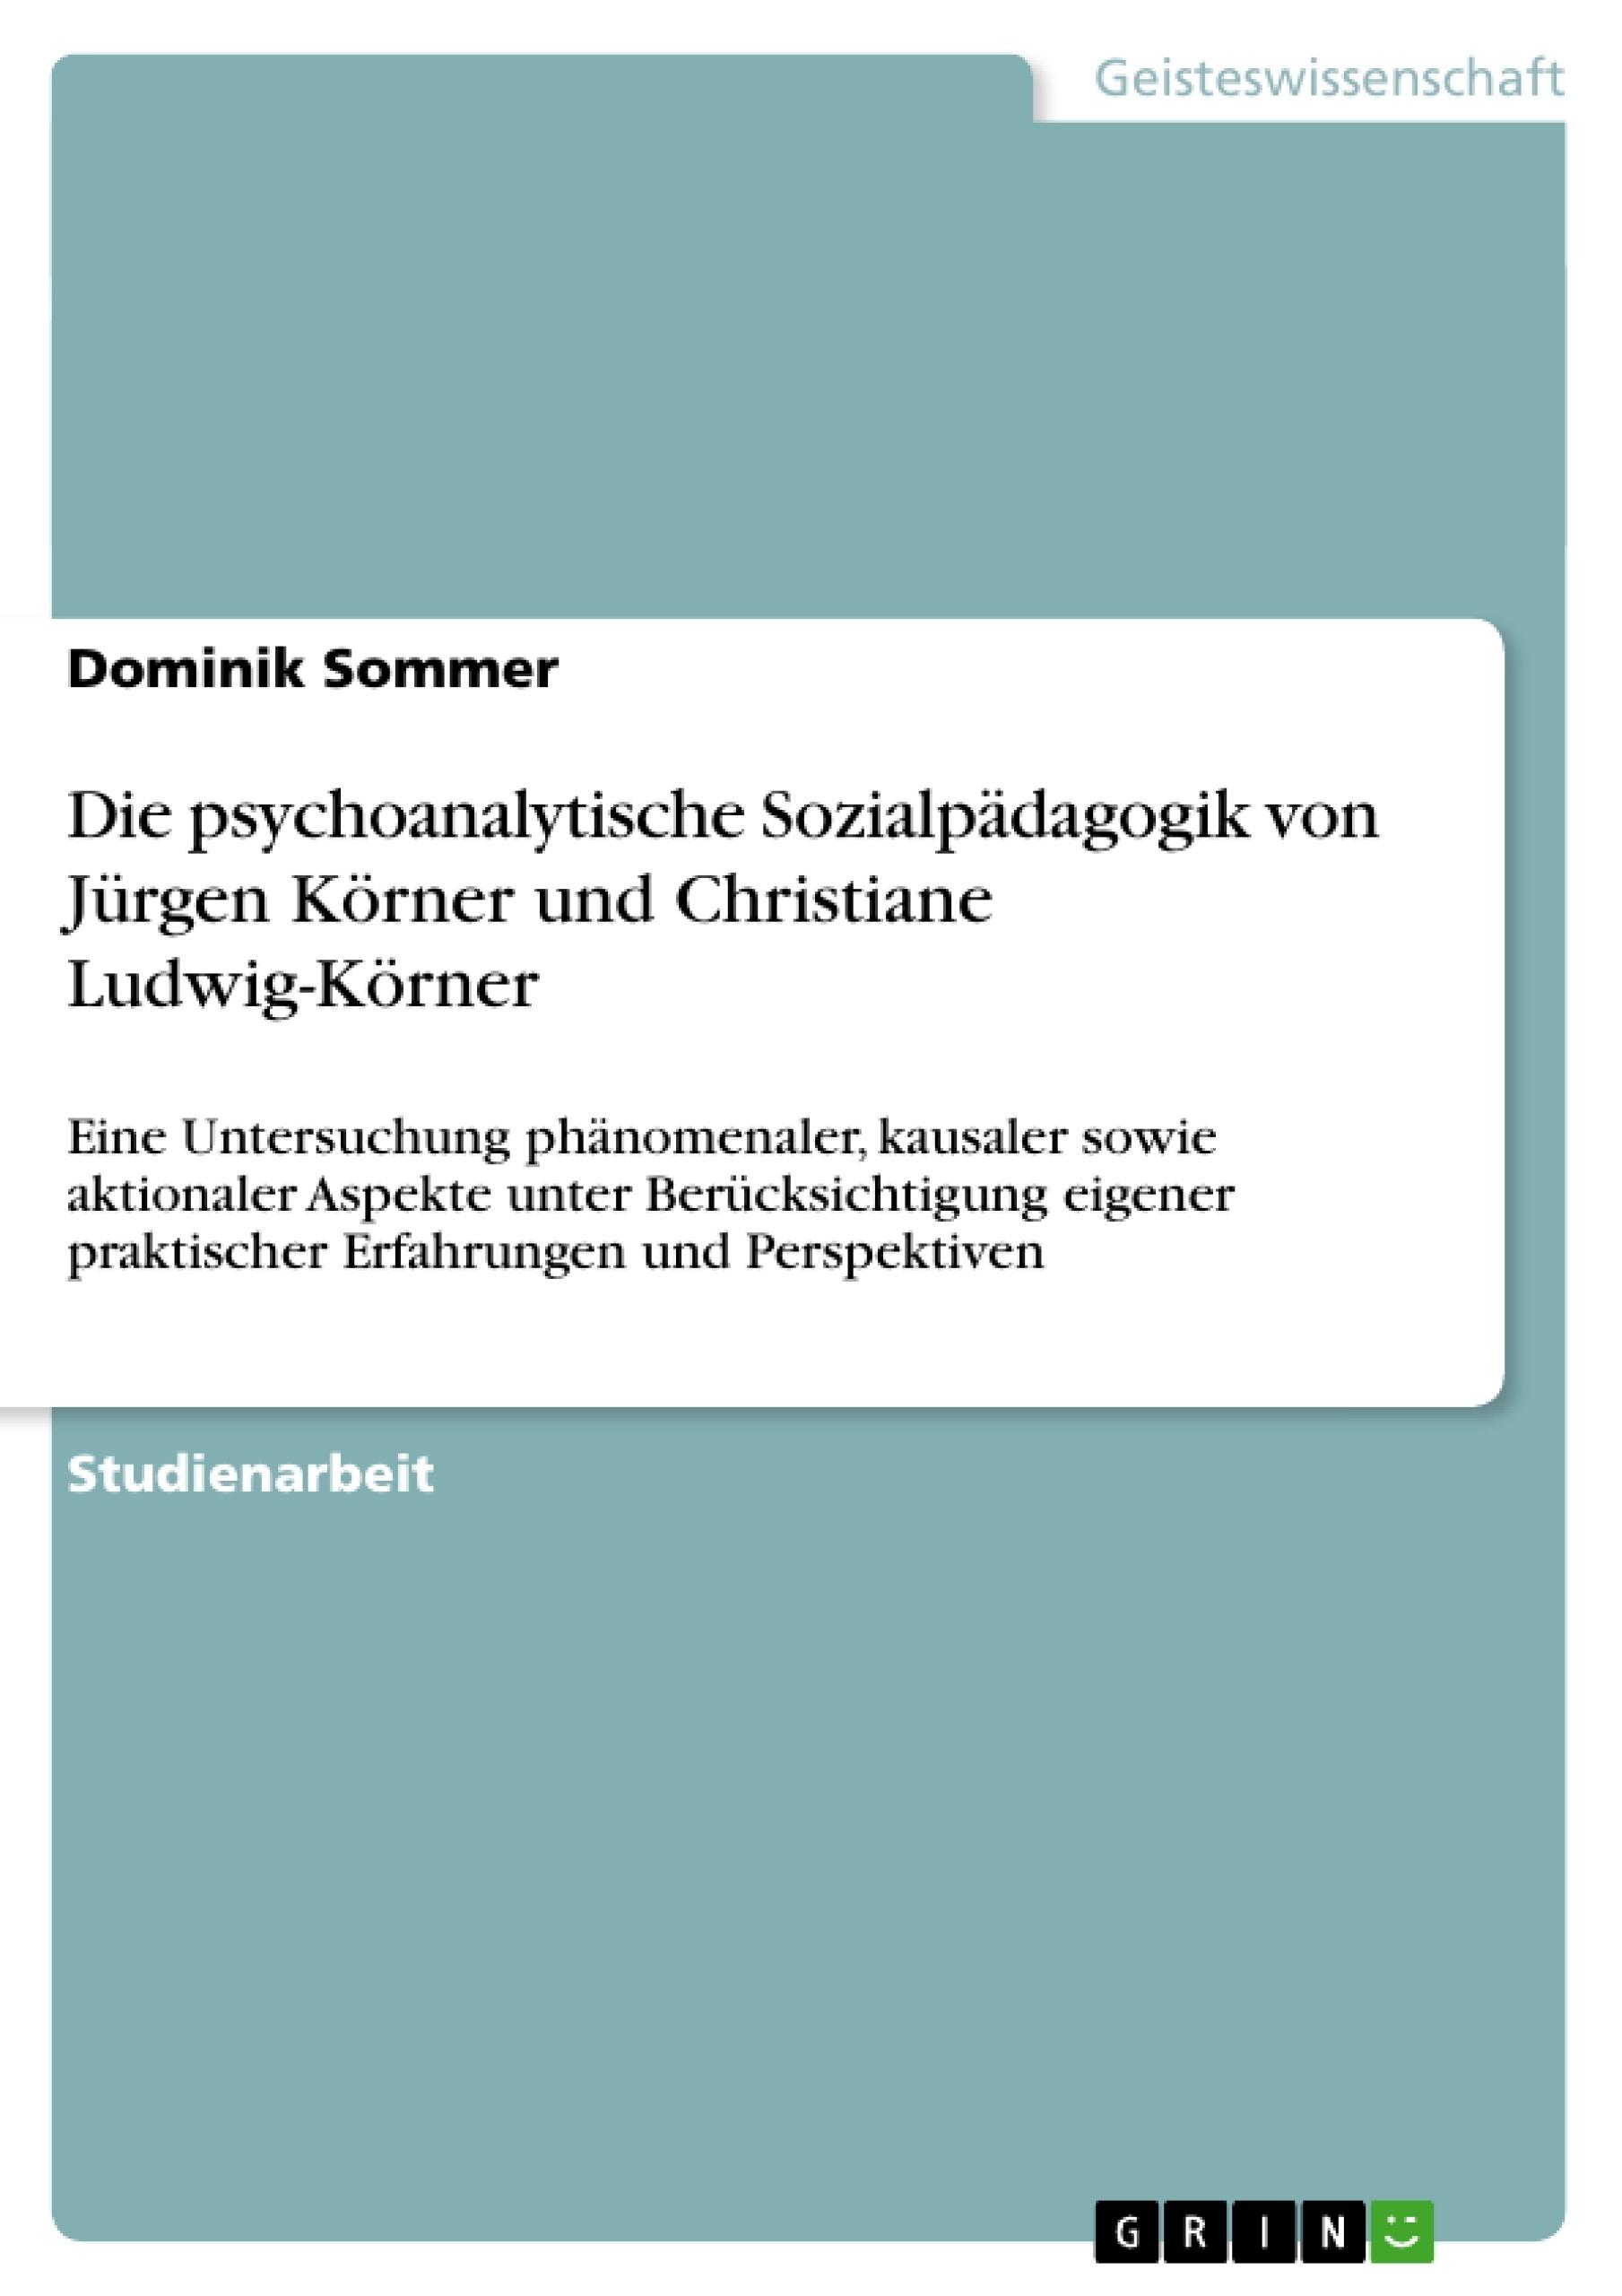 Titel: Die psychoanalytische Sozialpädagogik von Jürgen Körner und Christiane Ludwig-Körner